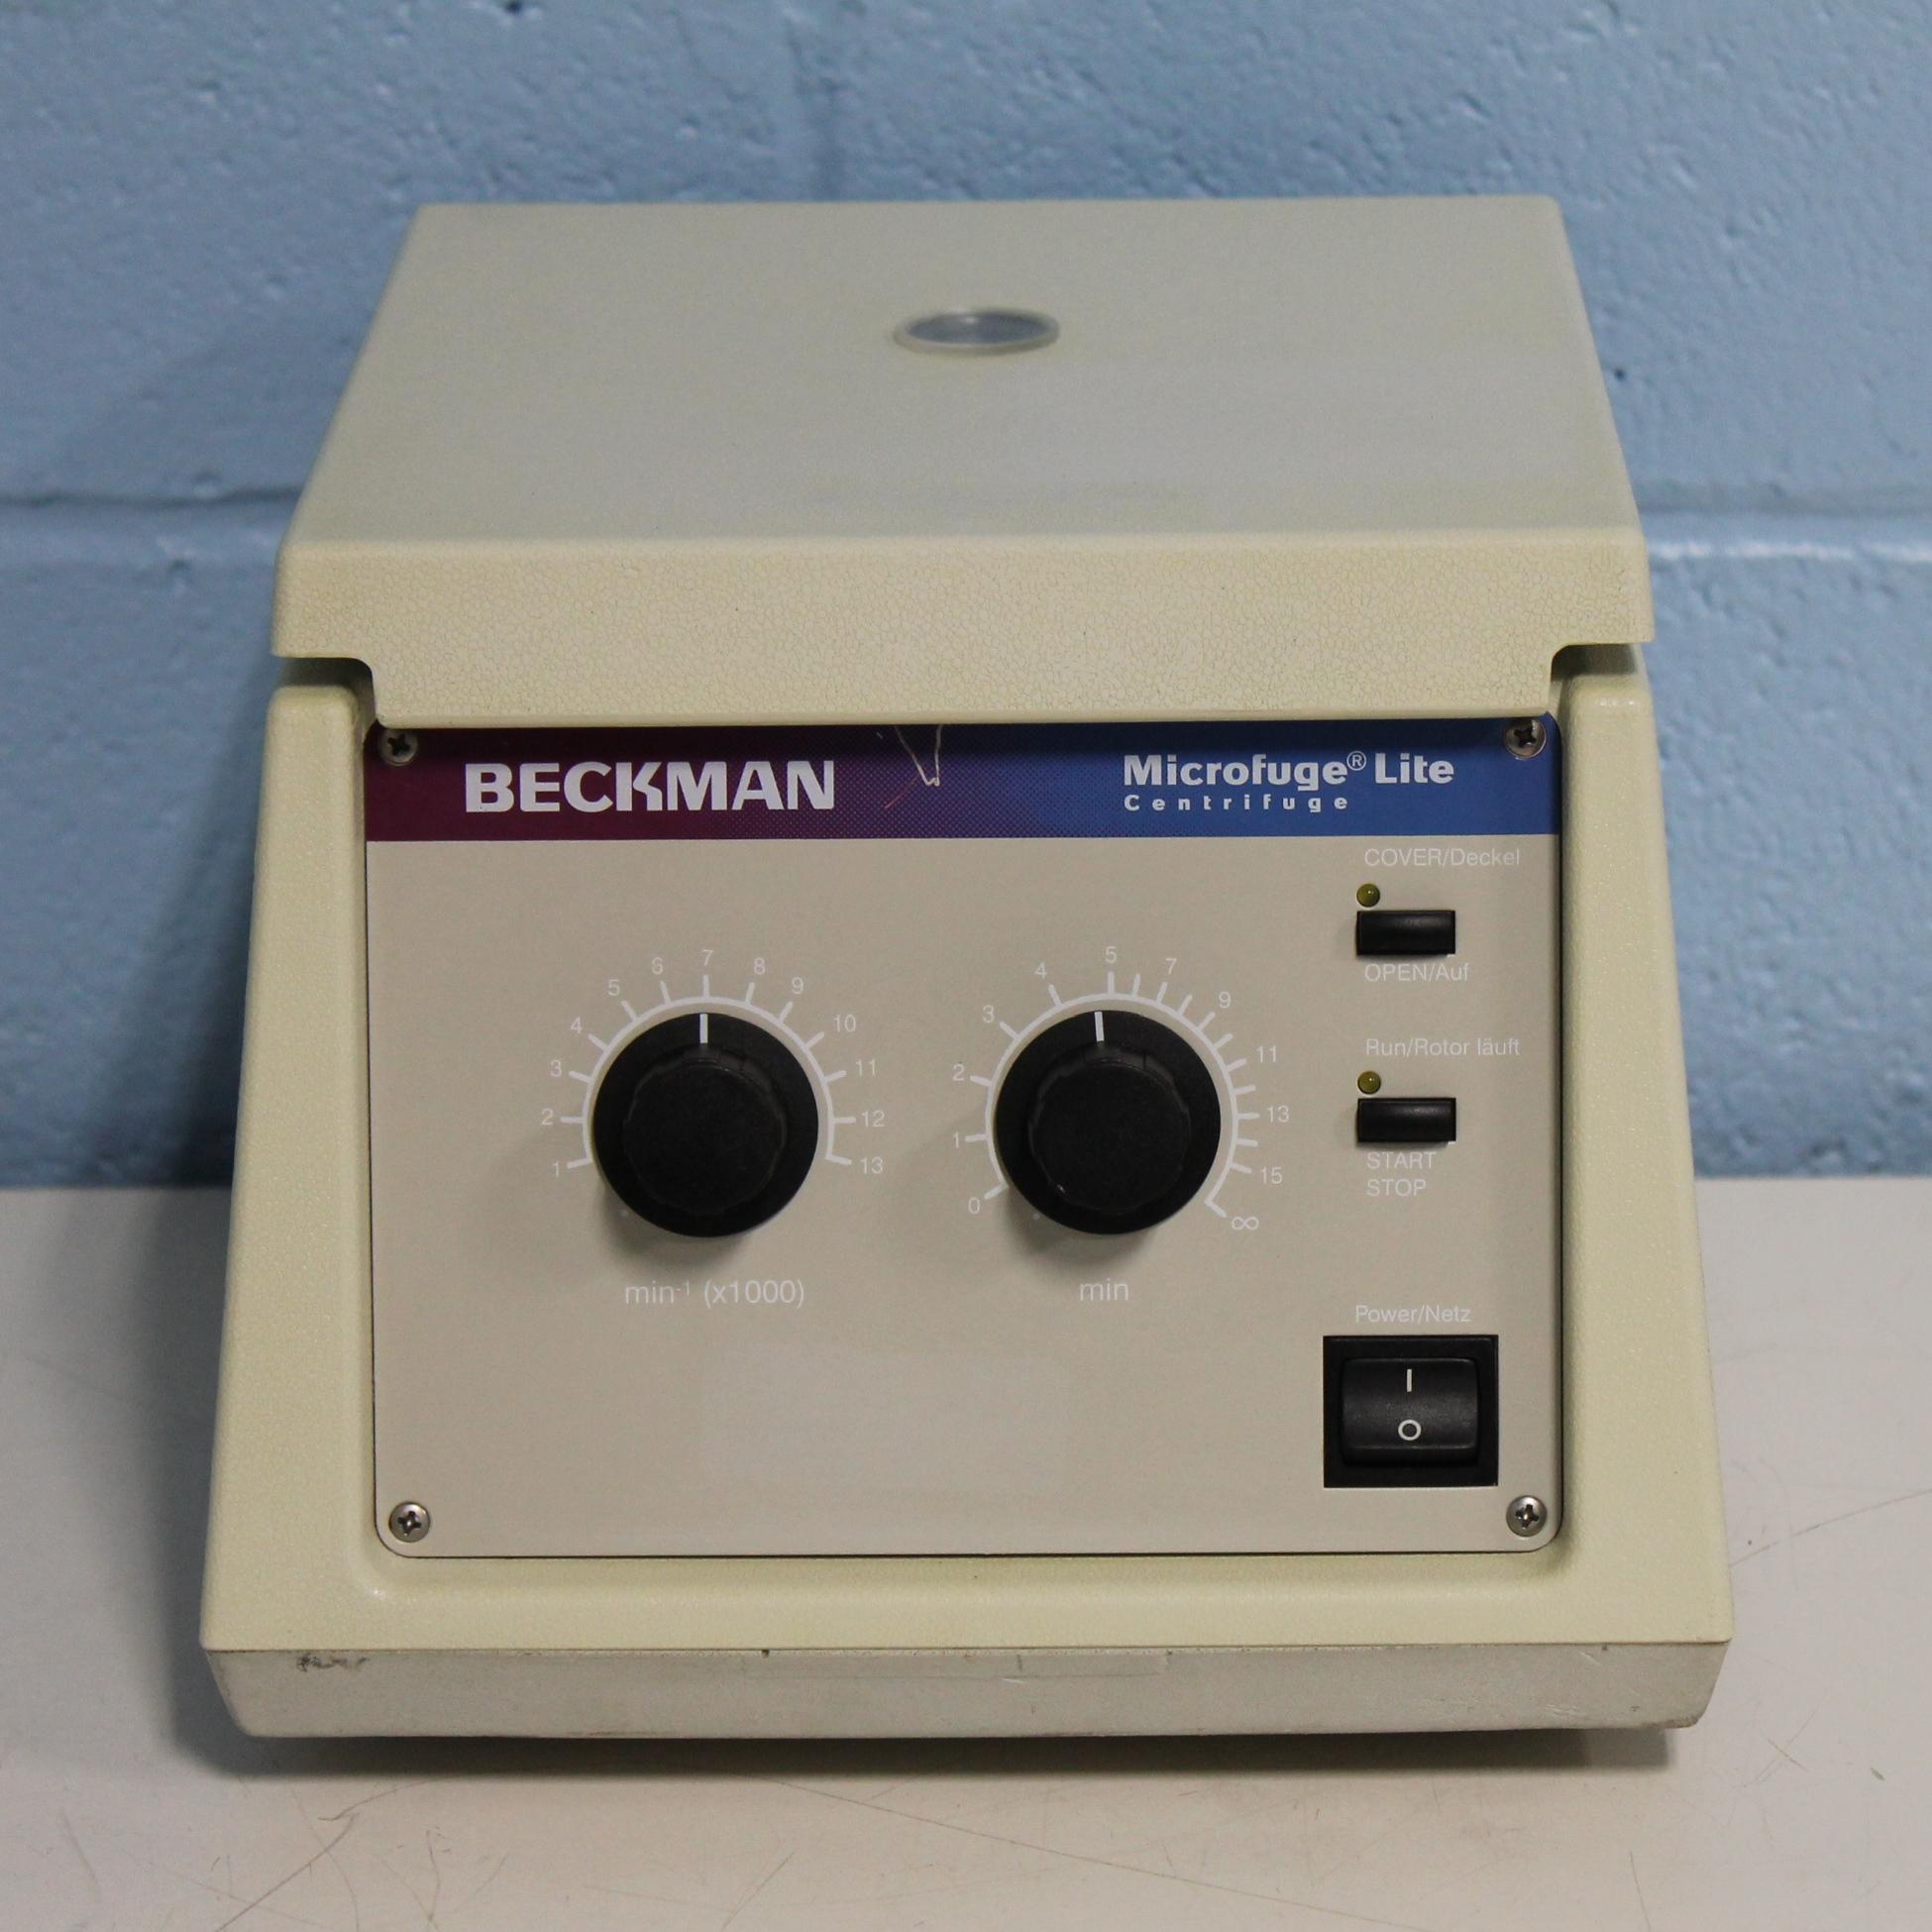 Refurbished Beckman Microfuge Lite Centrifuge